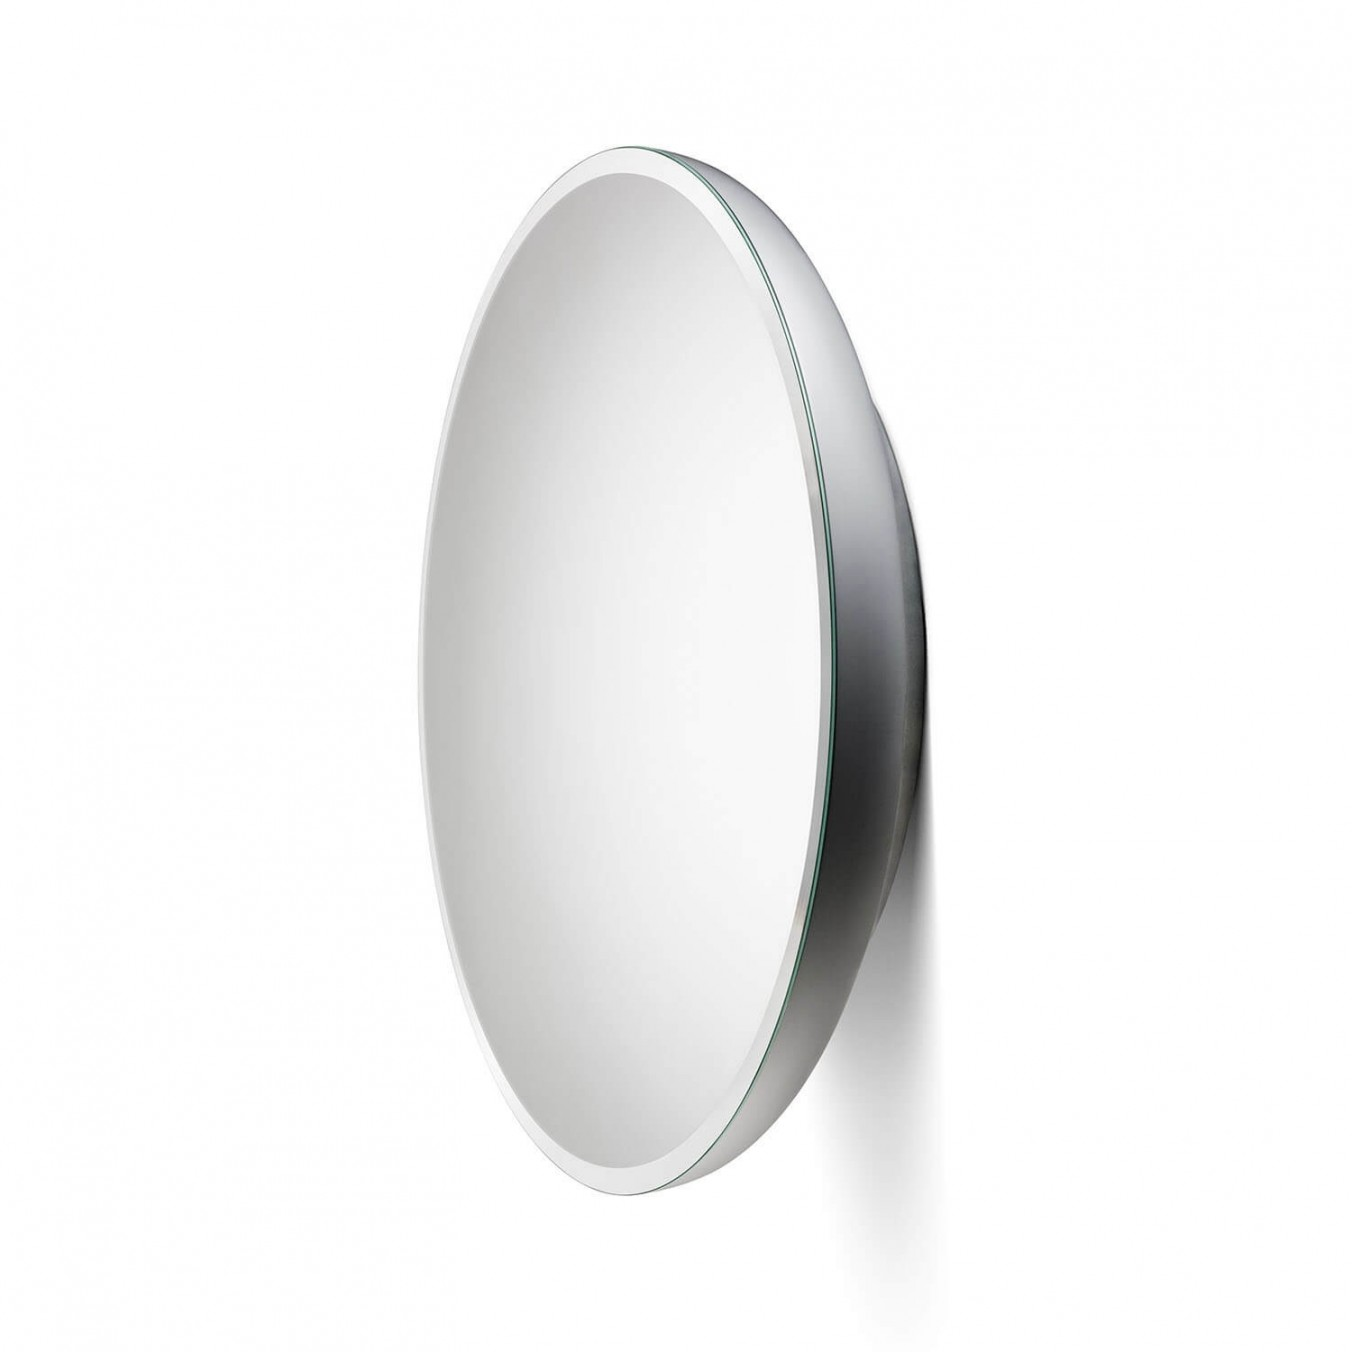 Tambor Mirror Large